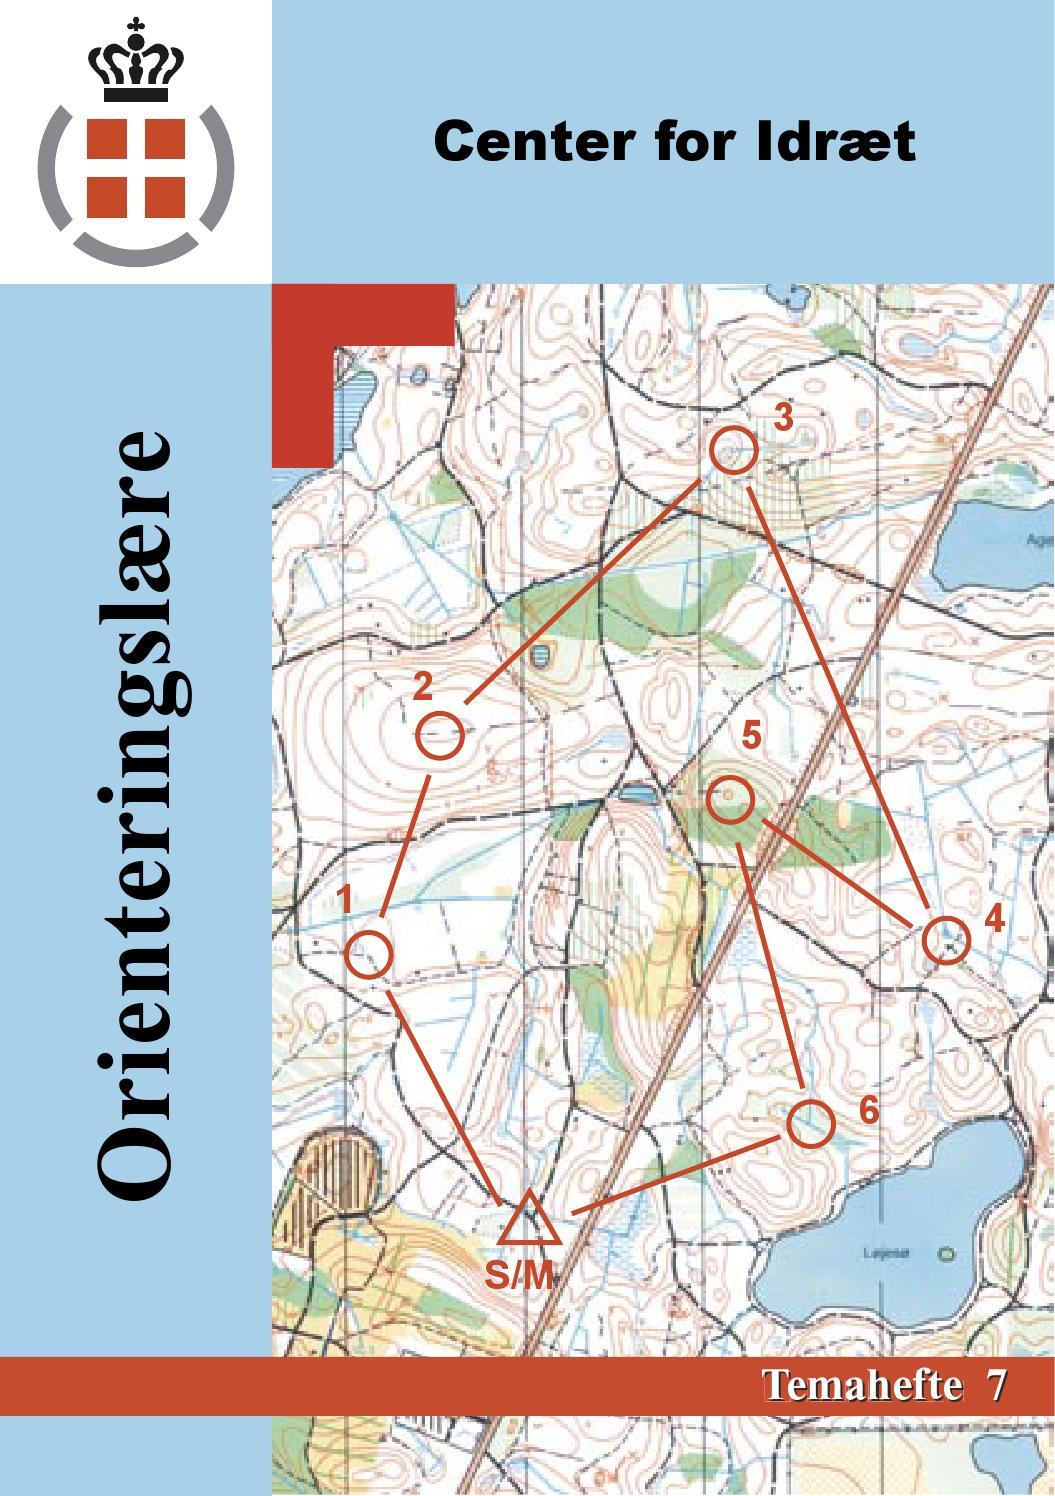 Orienteringslaere Cfi Temahaefte 7 By Ssr Saerlig Stotte Og